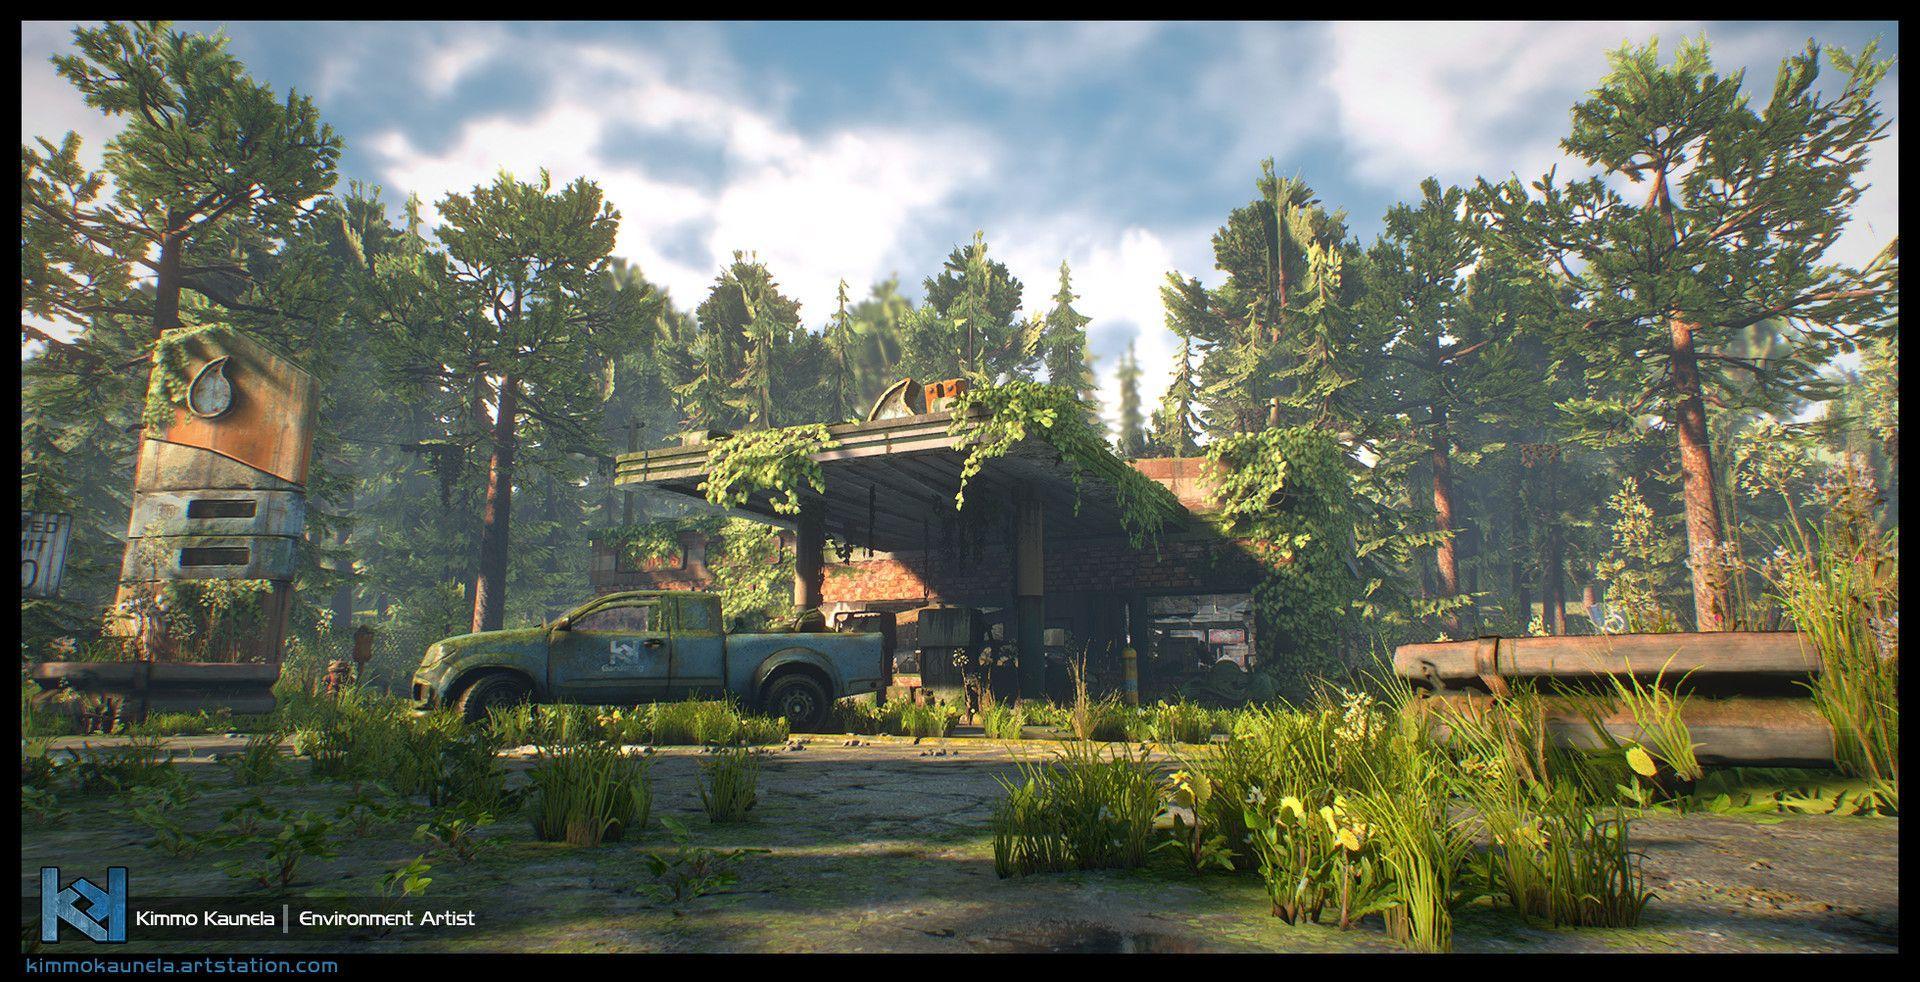 ArtStation - The Last Stop - Unreal Engine 4, Kimmo Kaunela | post